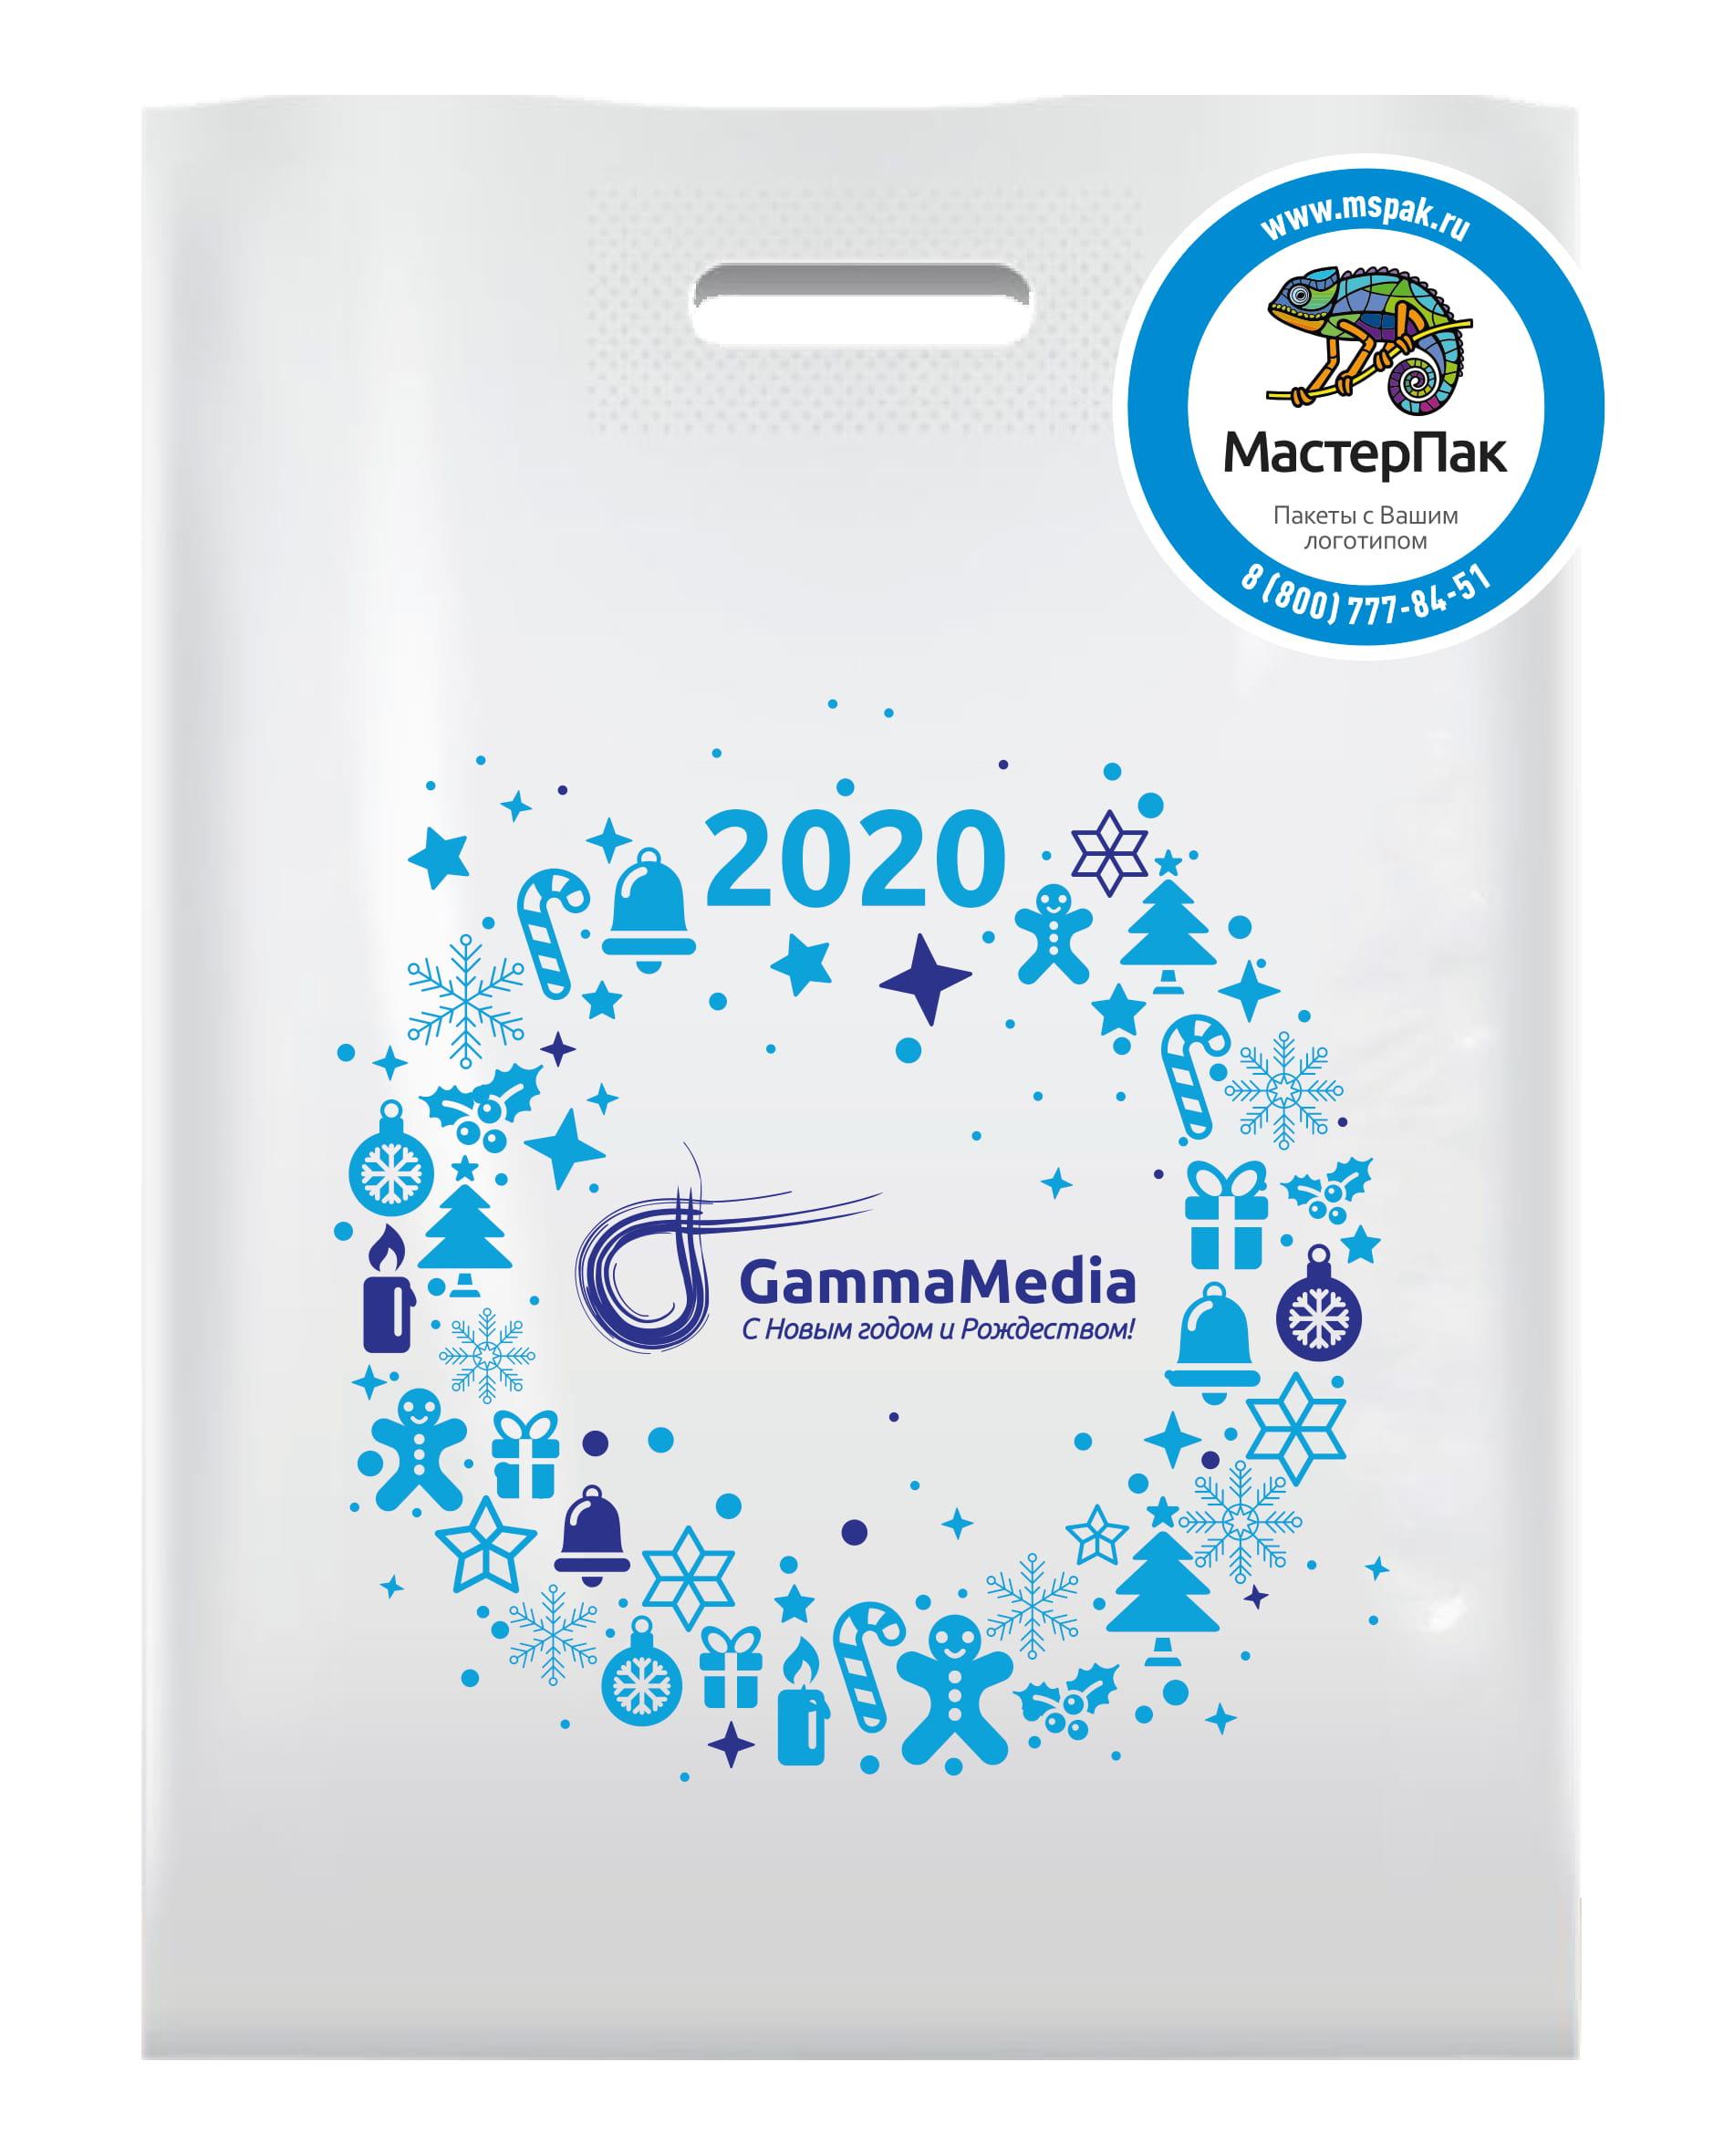 Пакет ПВД с логотипом GammaMedia, Москва, 70 мкм, 30*40